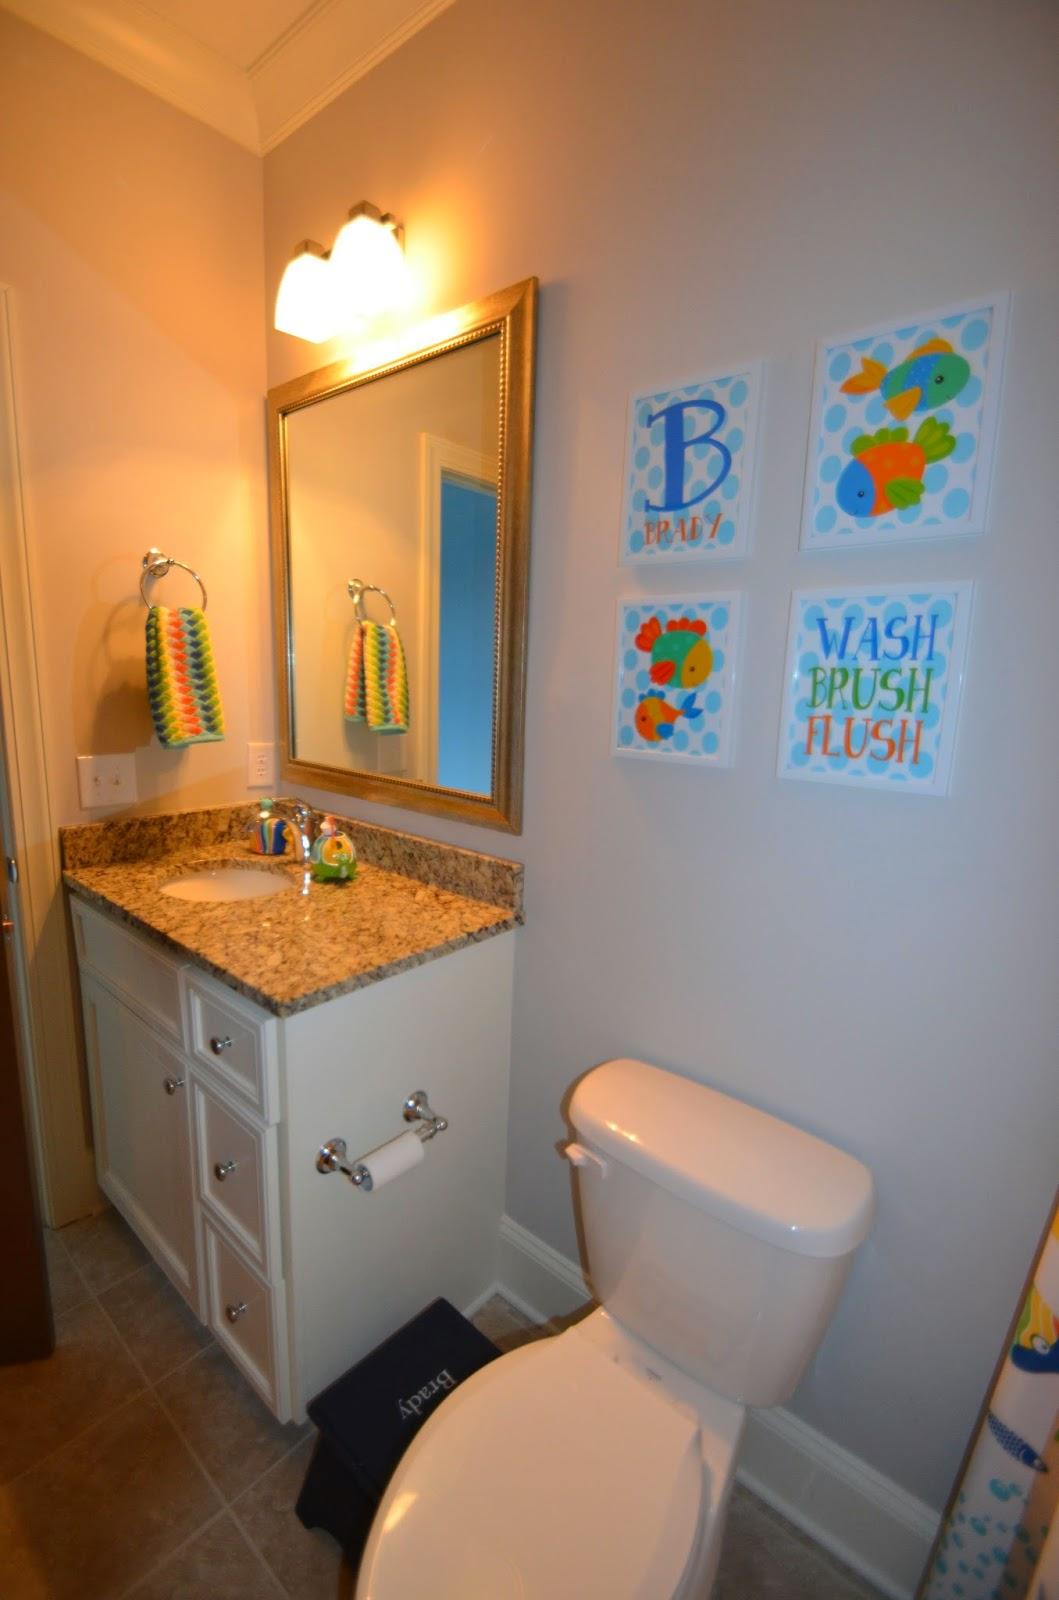 The life of riley home tour brady 39 s room and bathroom for Megan u bathroom tour